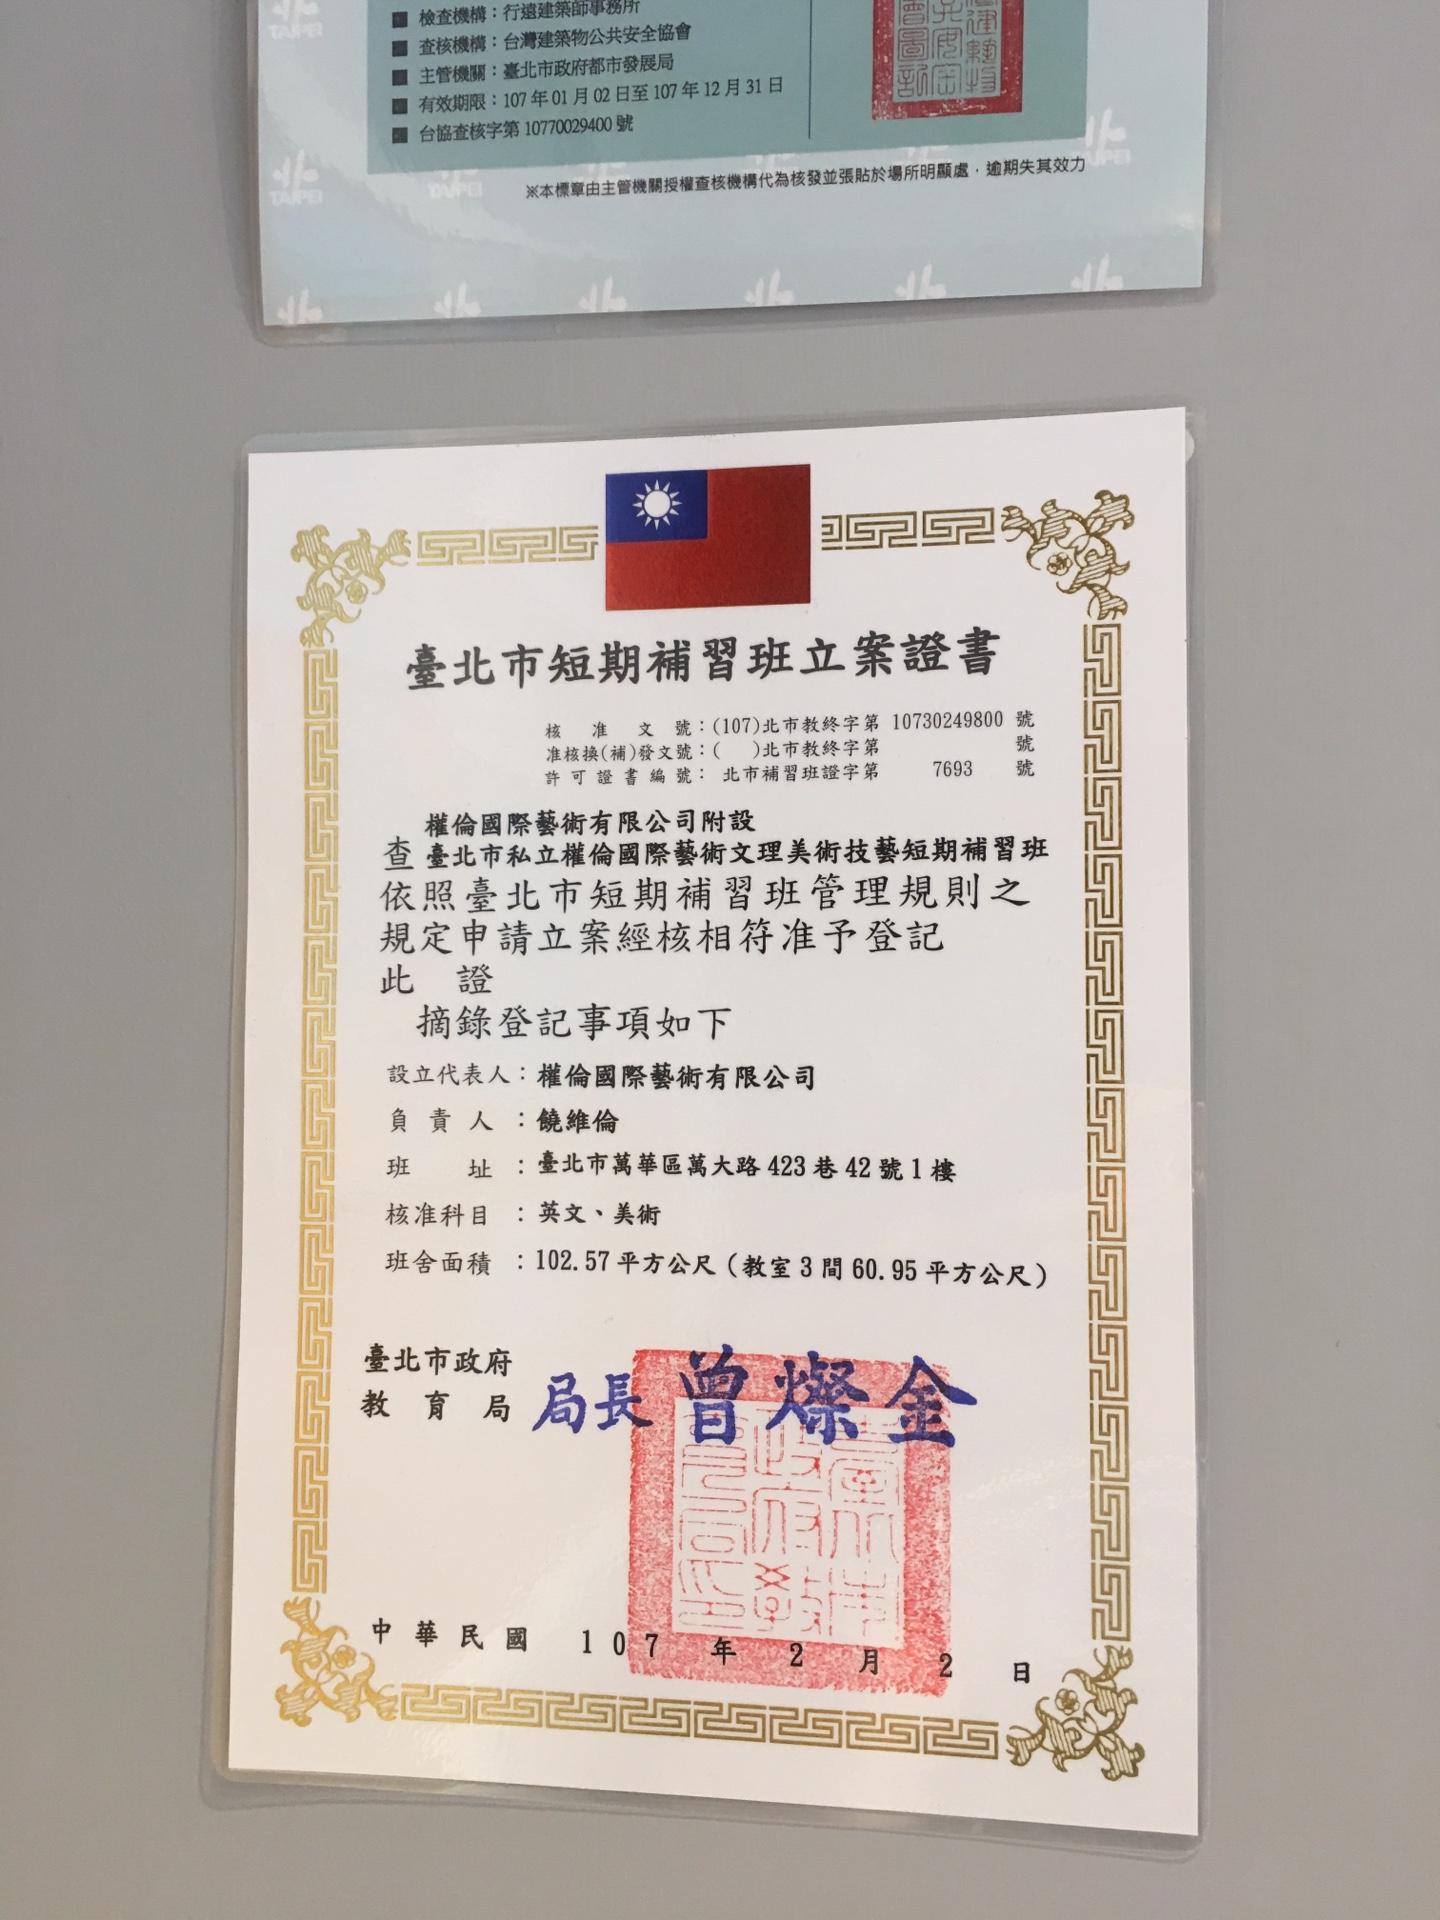 權倫國際藝術的立案證書